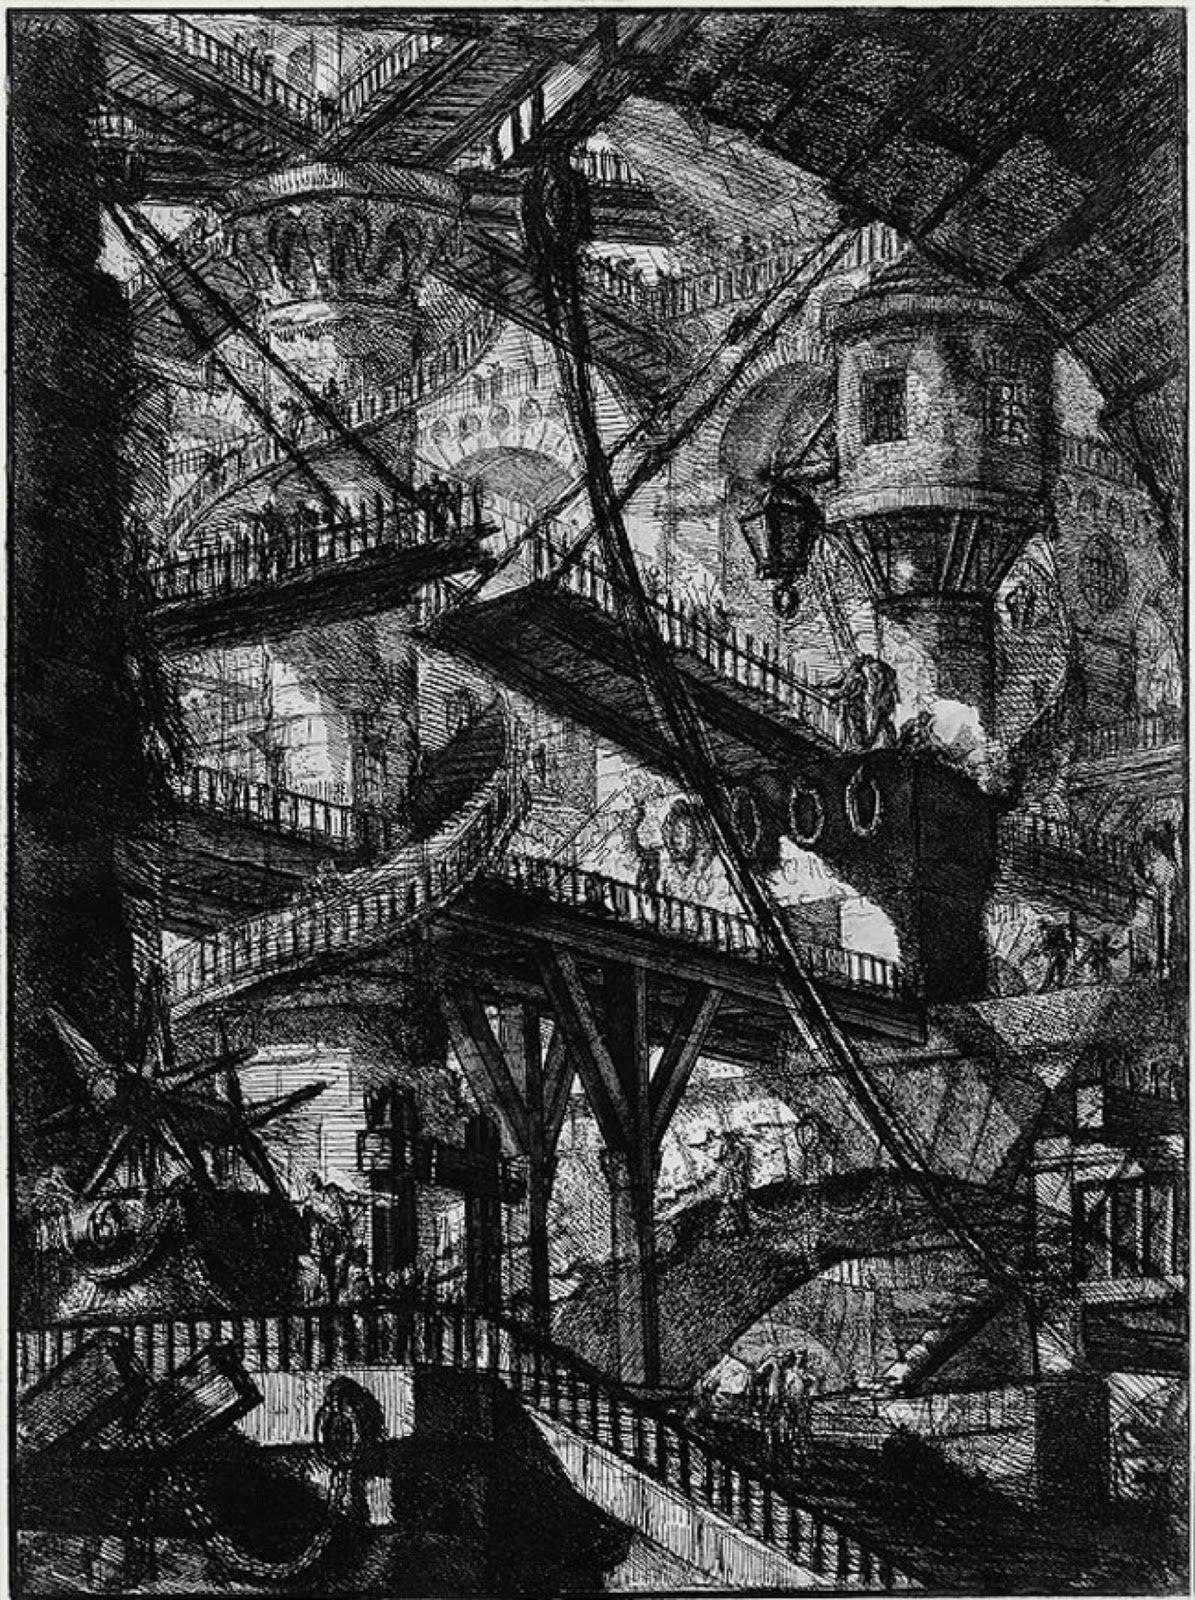 """""""Carceri d'invenzione"""" print VII """"The Drawbridge"""" by Giovanni Battista Piranesi, 1745."""